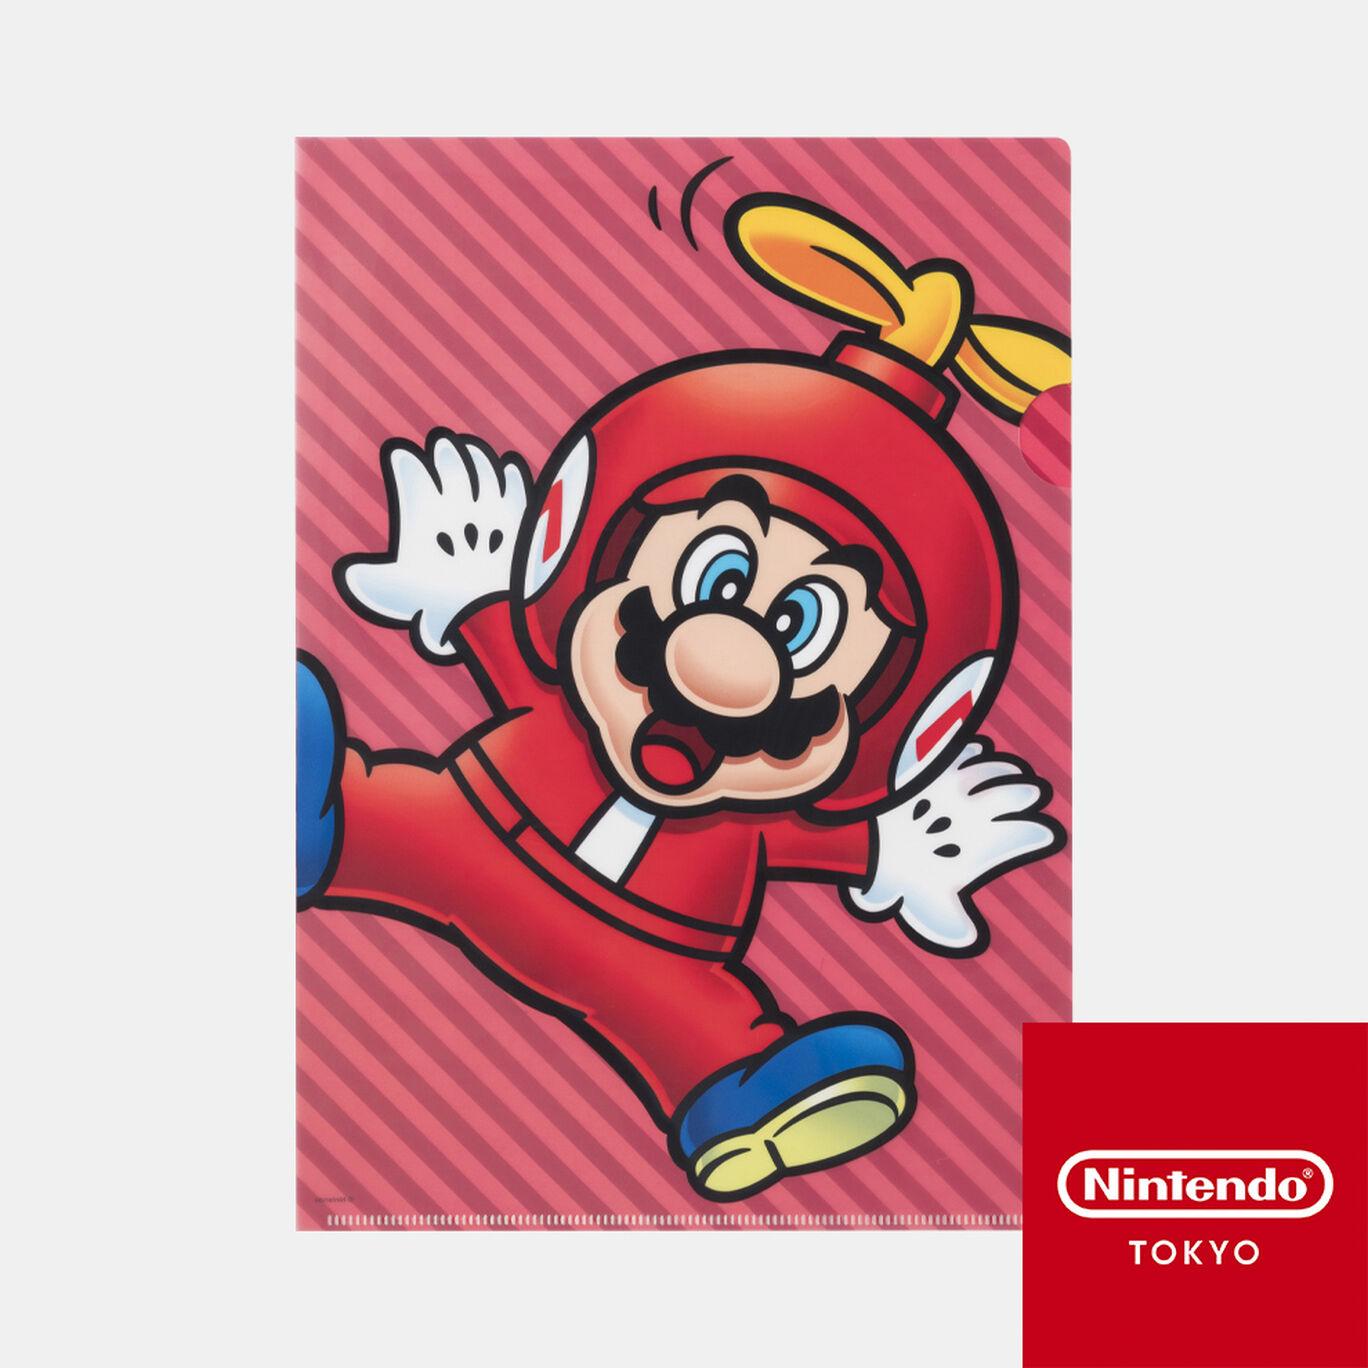 クリアファイル スーパーマリオ パワーアップ A【Nintendo TOKYO取り扱い商品】